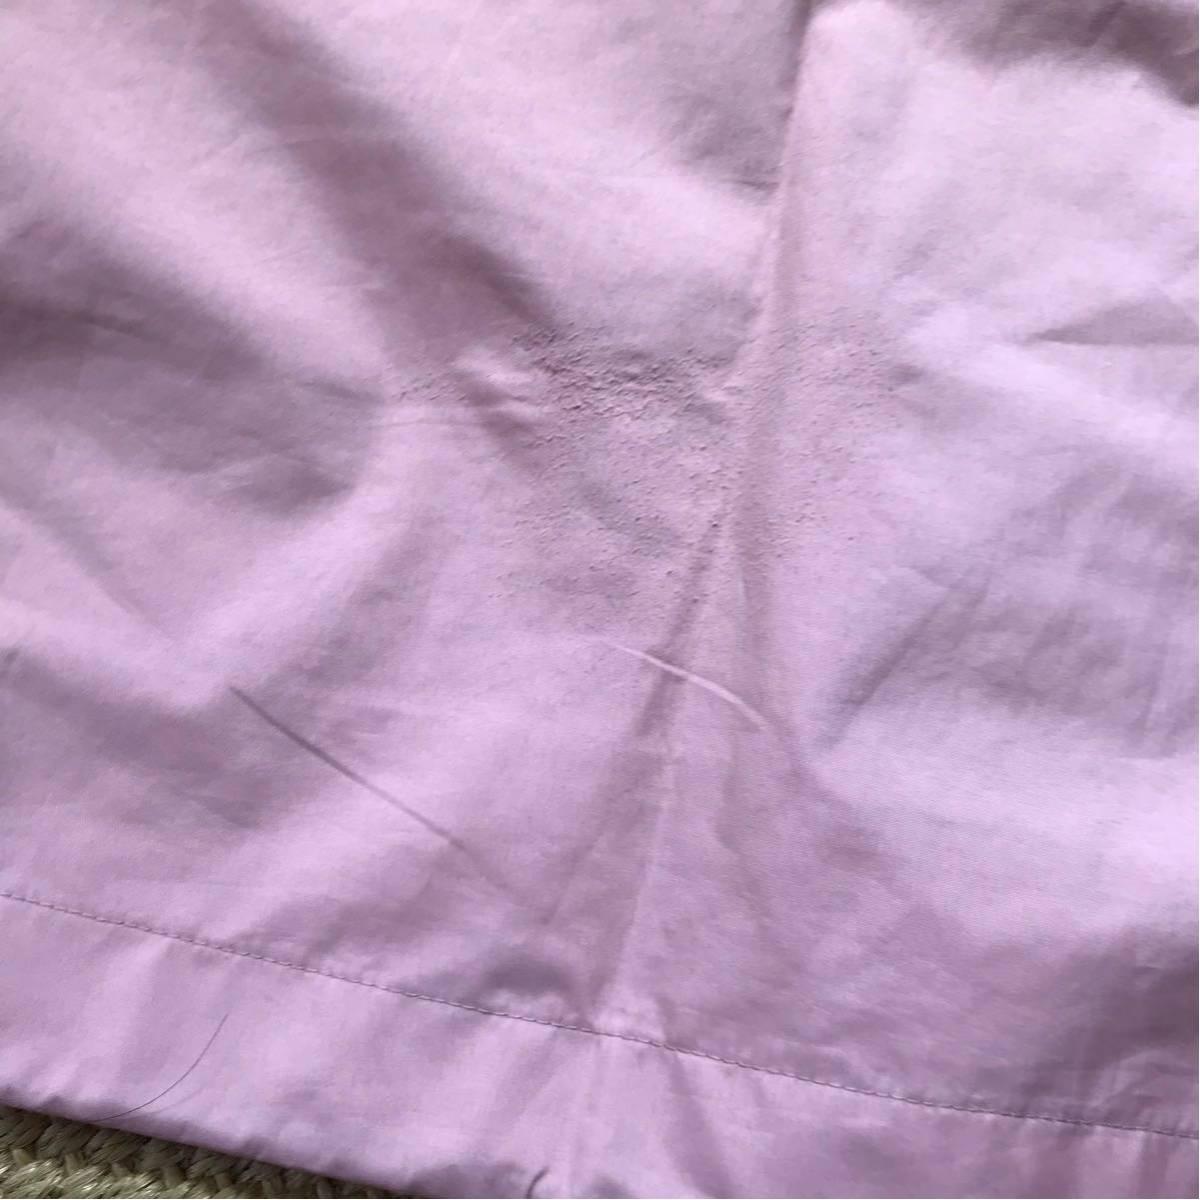 whole Earth ホールアース ゴアテックス仕様 マウンテンパーカー ジャンパー ベビーピンク色 Lサイズ GORE TEX_画像10